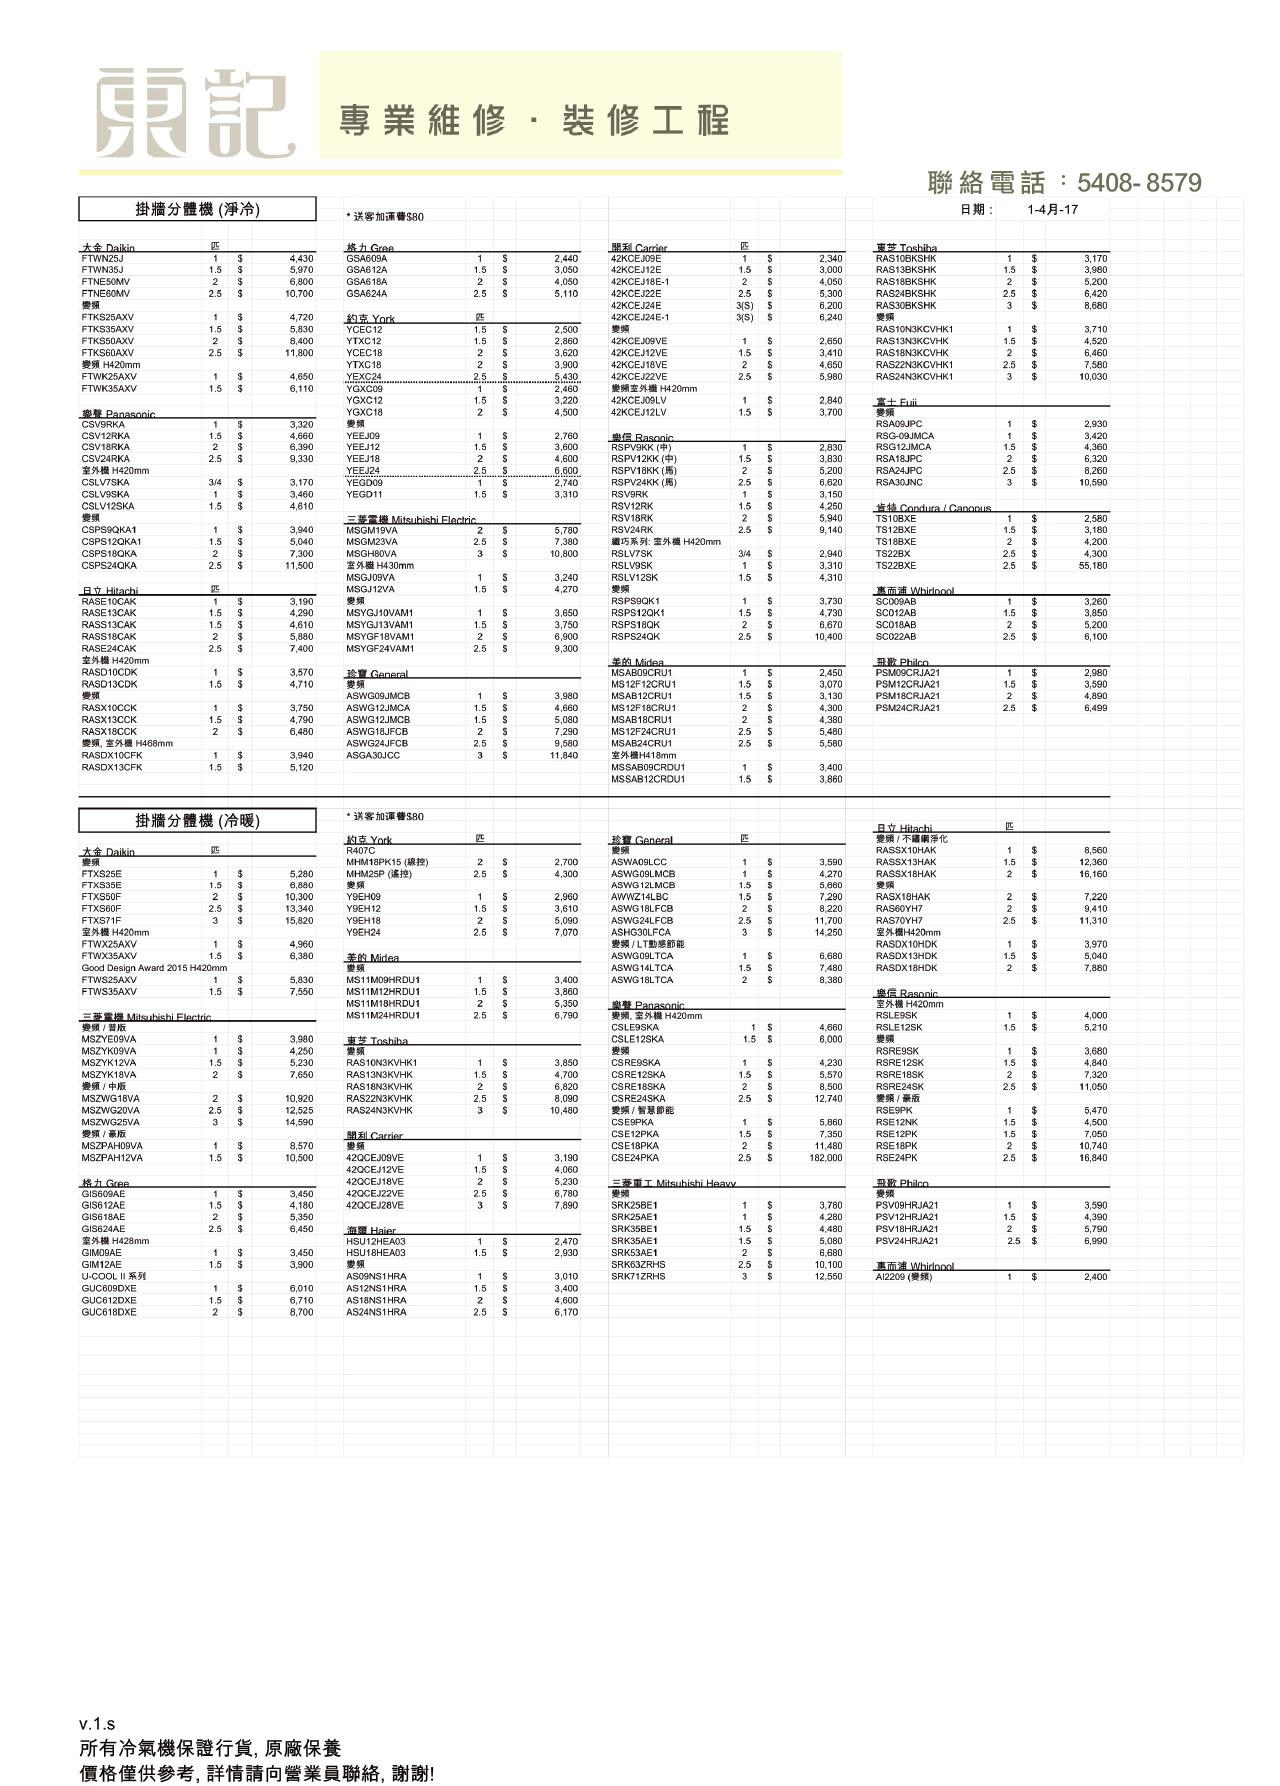 專業維修,裝修工程 聯絡電話:5408-8579 掛牆分體機(淨冷) 日期: 1-4月-17 *送客加通費$80 大金Daikin FTWN25J S Carrier 42KCEJ09E 42KCEJ12E 42KCEJ18E-1 42KCEJ22E 格九Groe GSA609A Toshiba RAS10BKSHK 2,340 3,170 4,430 5,970 6,800 10,700 2,440 3,050 4,050 5,110 FTWN35J 1.5 GSA612A 3,000 4,050 5,300 6,200 RAS13BKSHK 3,980 5,200 6,420 8,680 FTNE50MV GSA618A 2 RAS18BKSHK RAS24BKSHK FTNE6OMV GSA624A 2.5 42KCEJ24E RAS30BKSHK 3 約克York YCEC12 YTXC12 YCEC18 42KCEJ24E-1 FTKS25AXV 4,720 5,830 8,400 11,800 6,240 FTKS35AXV FTKS50AXV 2,500 RAS10N3KCVHK1 3,710 2,860 3,620 3,900 5,430 2,460 3,220 4,500 42KCEJ09VE RAS13N3KCVHK RAS18N3KCVHK RAS22N3KCVHK1 2,650 4,520 FTKS60AXV H420mm FTWK25AXV FTWK35AXV 2.5 42KCEJ12VE 1.5 3,410 6,460 7,580 10,030 YTXC18 42KCEJ18VE 42KCEJ22VE 變頻室外機H420mm 4,650 5,980 2.5 $ YEXC24 YGXC09 YGXC12 YGXC18 1 $ 4.650 2.5 RAS24N3KCVHK1 1.5 6,110 42KCEJ09LV 42KCEJ12LV 2,840 3.700 1 Fui Panasonic CSV9RKA 3.320 4,660 6,390 RSA09JPC 2,930 3,420 4,360 6,320 8,260 10,590 CSV12RKA Rasonic RSPV9KK () RSPV12KK () RSPV18KK (5) RSPV24KK (5) RSG-09JMCA RSG12JMCA RSA18JPC RSA24JPC RSA30JNC YEEJ09 2,760 3,600 4,600 6,600 2,740 3,310 CSV18RKA YEEJ12 2,830 3,830 CSV24RKA 室外機H420mm 2.5 9,330 YEEJ18 2 2 YEEJ24 5,200 2.5 YEGDO9 CSLV7SKA 3,170 3,460 4,610 6,620 3 CSLV9SKA YEGD11 1.5 RSV9RK 3.150 CSLV12SKA 1.5 RSV12RK RSV18RK 4,250 5,940 Condura /Canonus Mitsubishi Flectric TS10BXE 2,580 3,180 4,200 4,300 CSPS9QKA1 CSPS12QKA1 5,780 7,380 10,800 3,940 5,040 7,300 11.500 MSGM19VA MSGM23VA MSGHB0VA 室外機H430mm MSGJ09VA MSGJ12VA RSV24RK 9,140 TS12BXE 1.5 織巧系列:宝外機H420mm TS188XE 1.5 2.5 CSPS18QKA 2 RSLV7SK 2,940 3,310 4,310 TS22BX 2.5 CSPS24QKA RSLV9SK $ TS22BXE 1 2.5 55.180 RSLV12SK 3,240 4,270 B Hitachi 惠而浦Whidoool 3,260 RSPS9QK1 RSPS12QK1 RASE10CAK 3,190 4,290 4,610 5,880 7,400 3,730 SCO09AB RASE13CAK MSYGJ10VAM1 S 3,650 3,750 6,900 4,730 SC012AB 3,850 5,200 6,100 RASS13CAK MSYGJ13VAM1 RSPS18QK 6,670 10,400 SC018AB RASS18CAK MSYGF18VAM1 RSPS24QK SC022AB MSYGF24VAM1 RASE24CAK 主外機H420mm 9,300 RPhilco Midea MSAB09CRU1 General RA